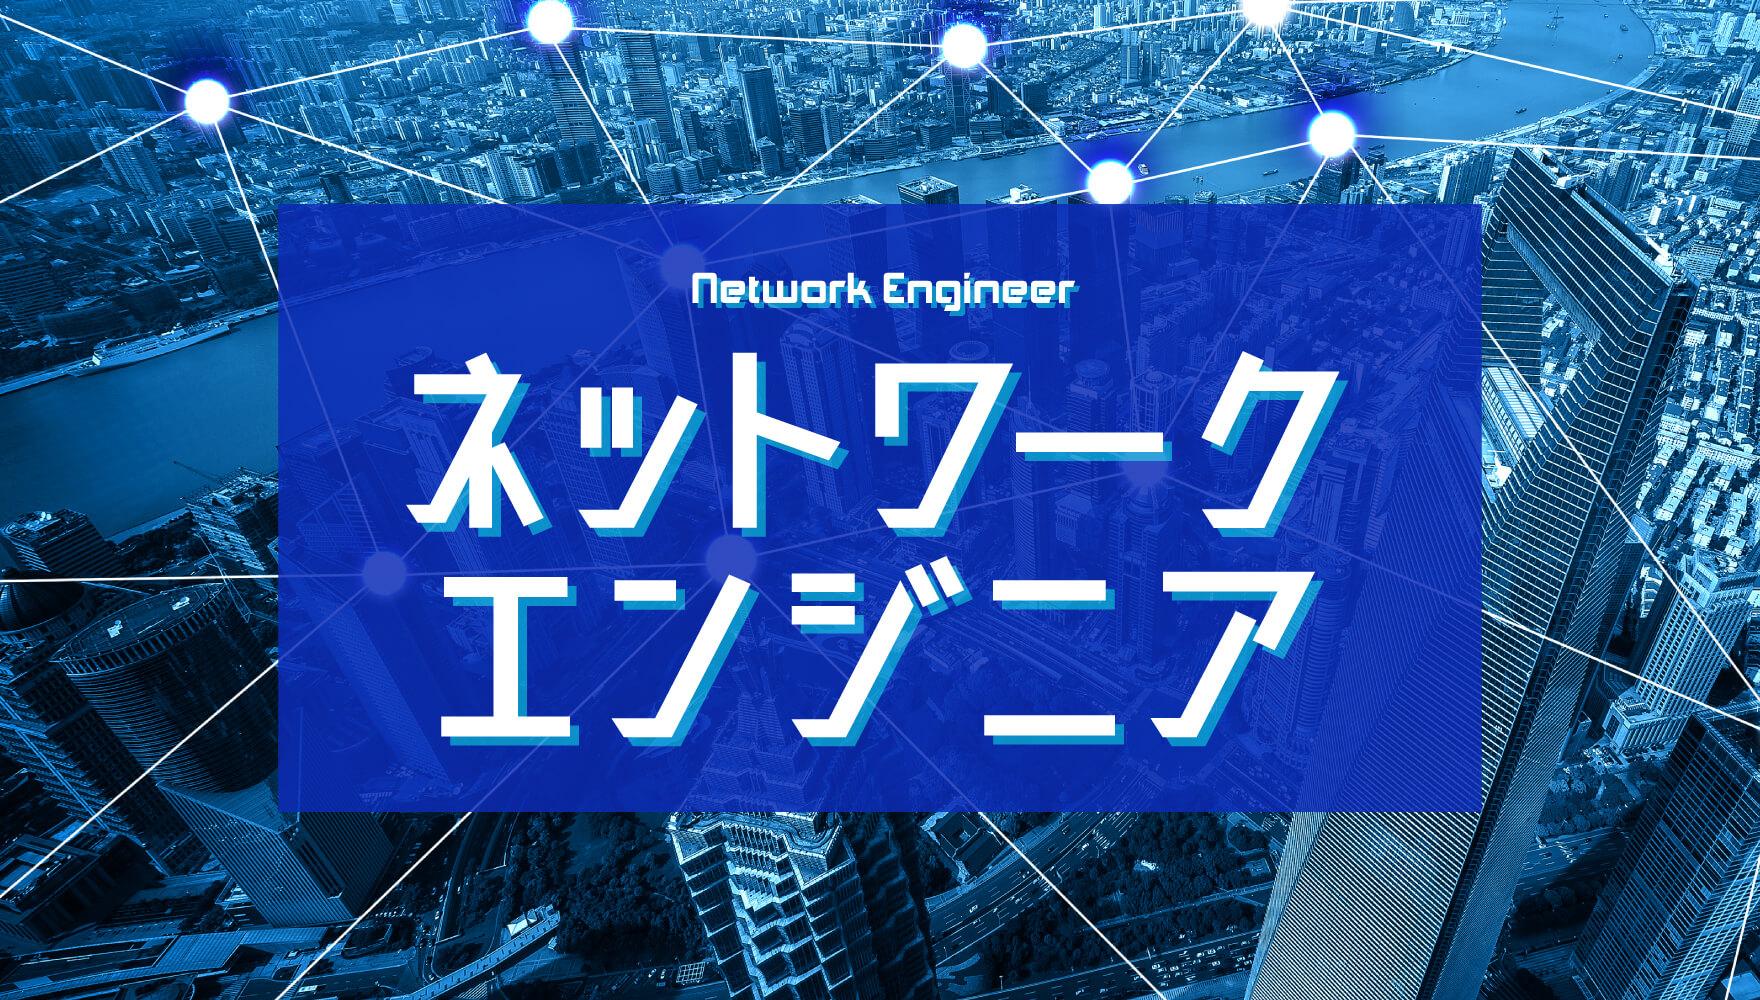 n_engineer